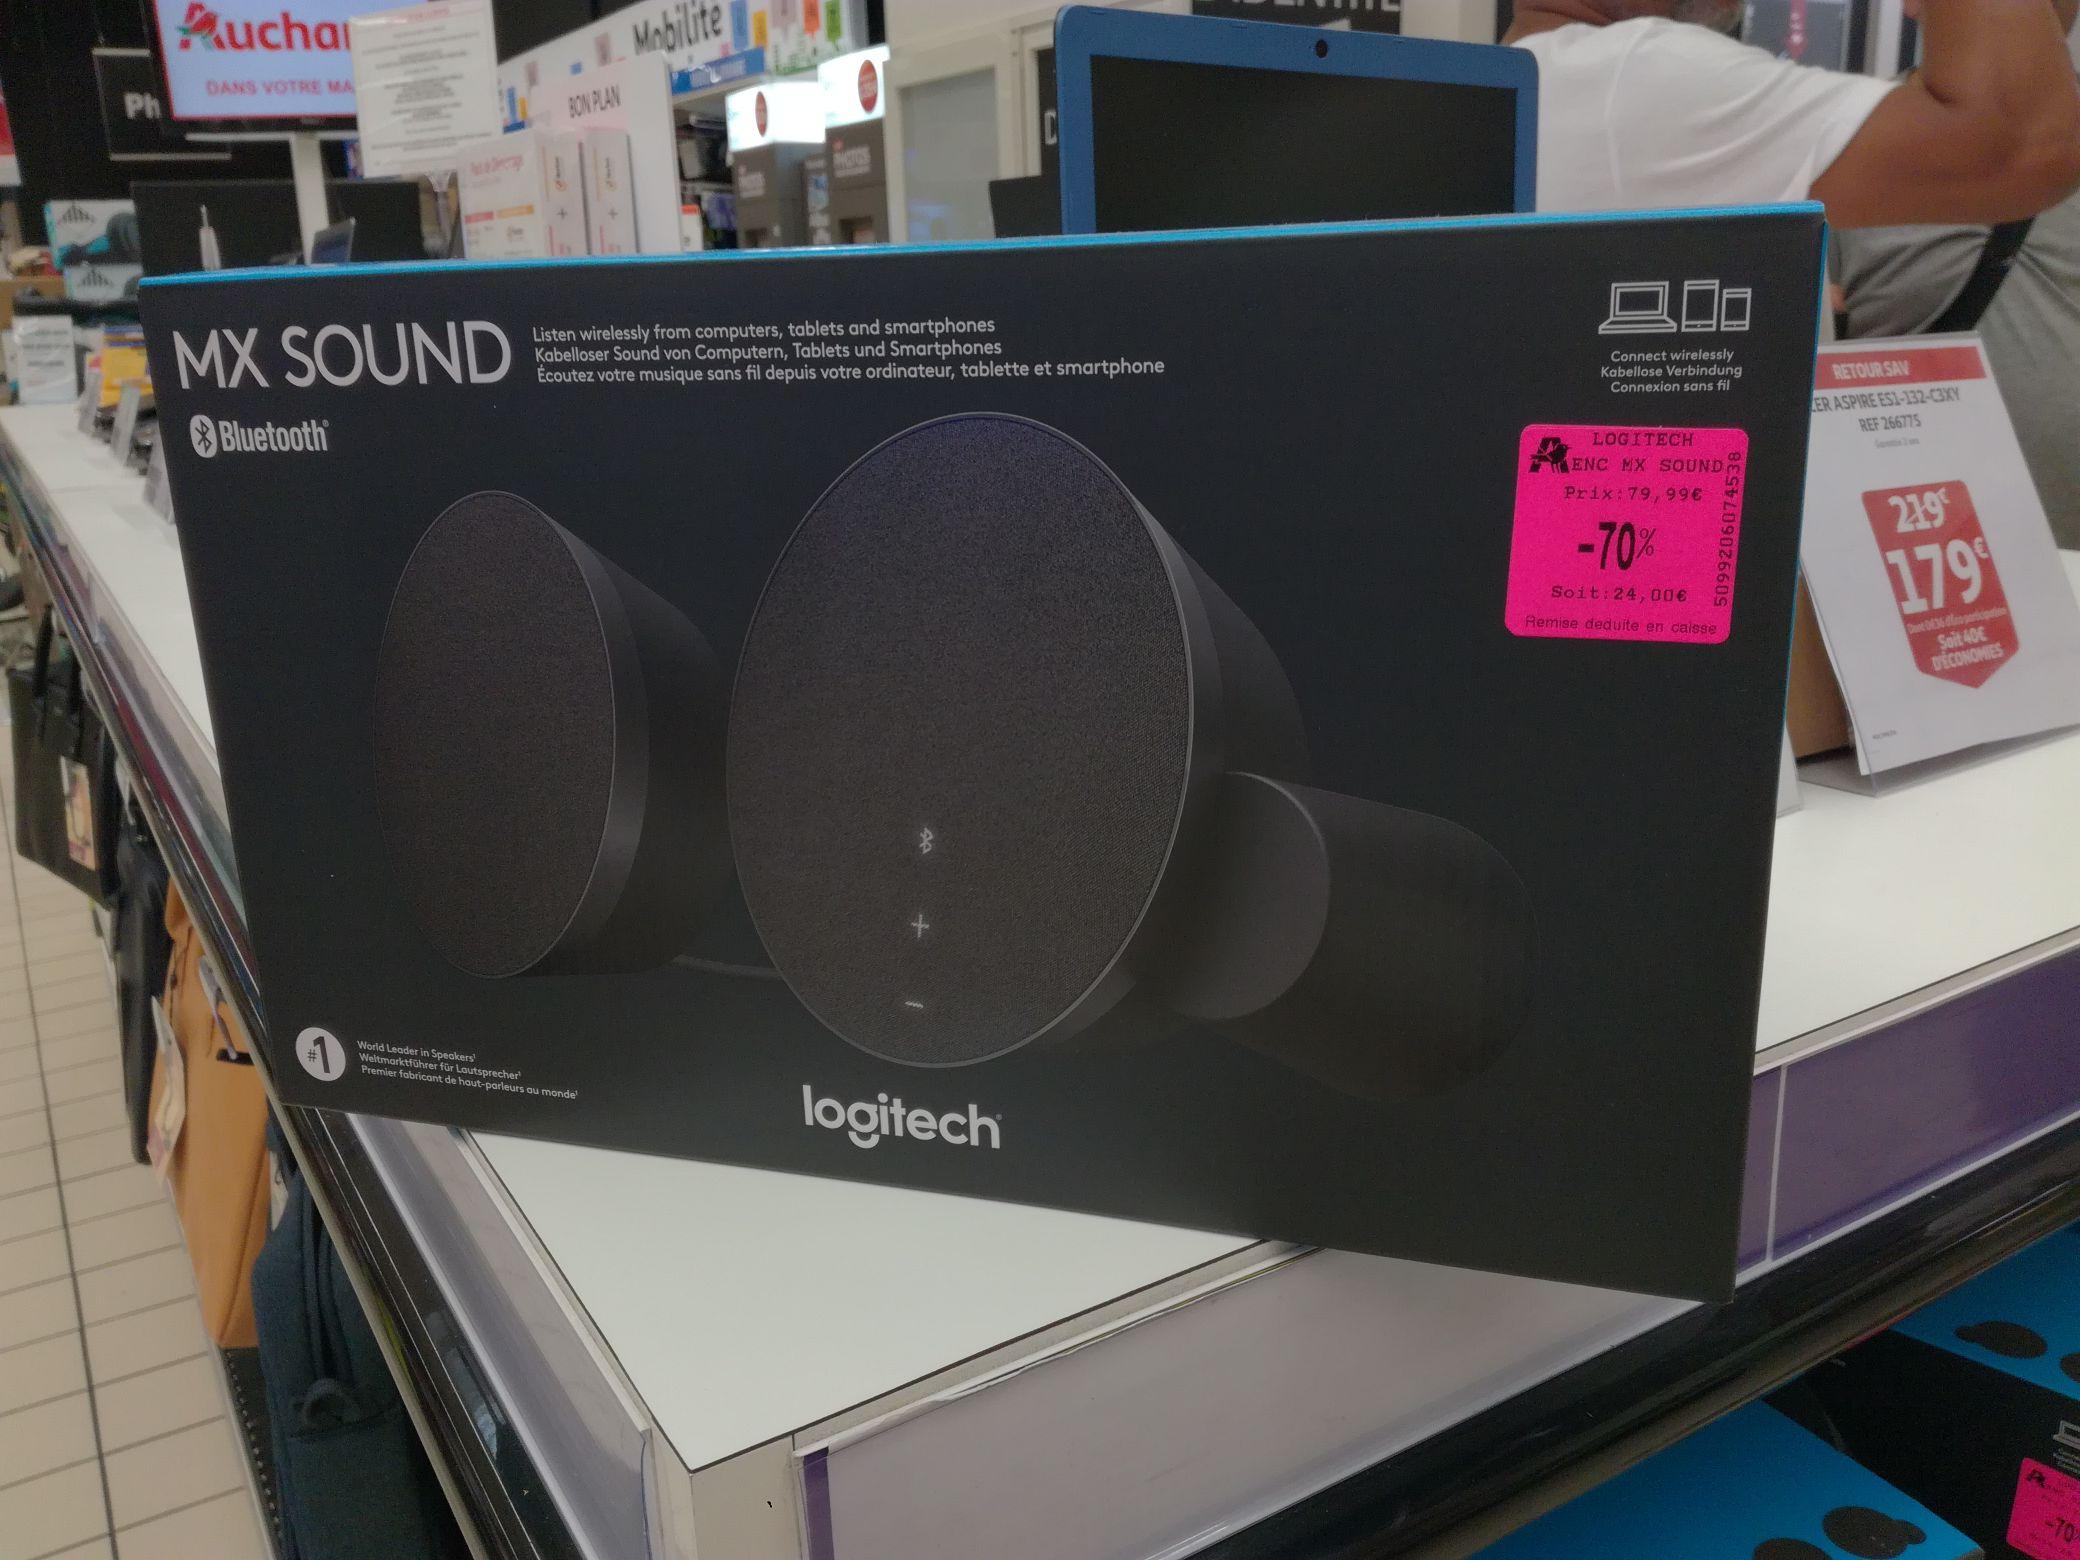 Paire d'enceintes Logitech MX Sound - Auchan le Pontet (84)